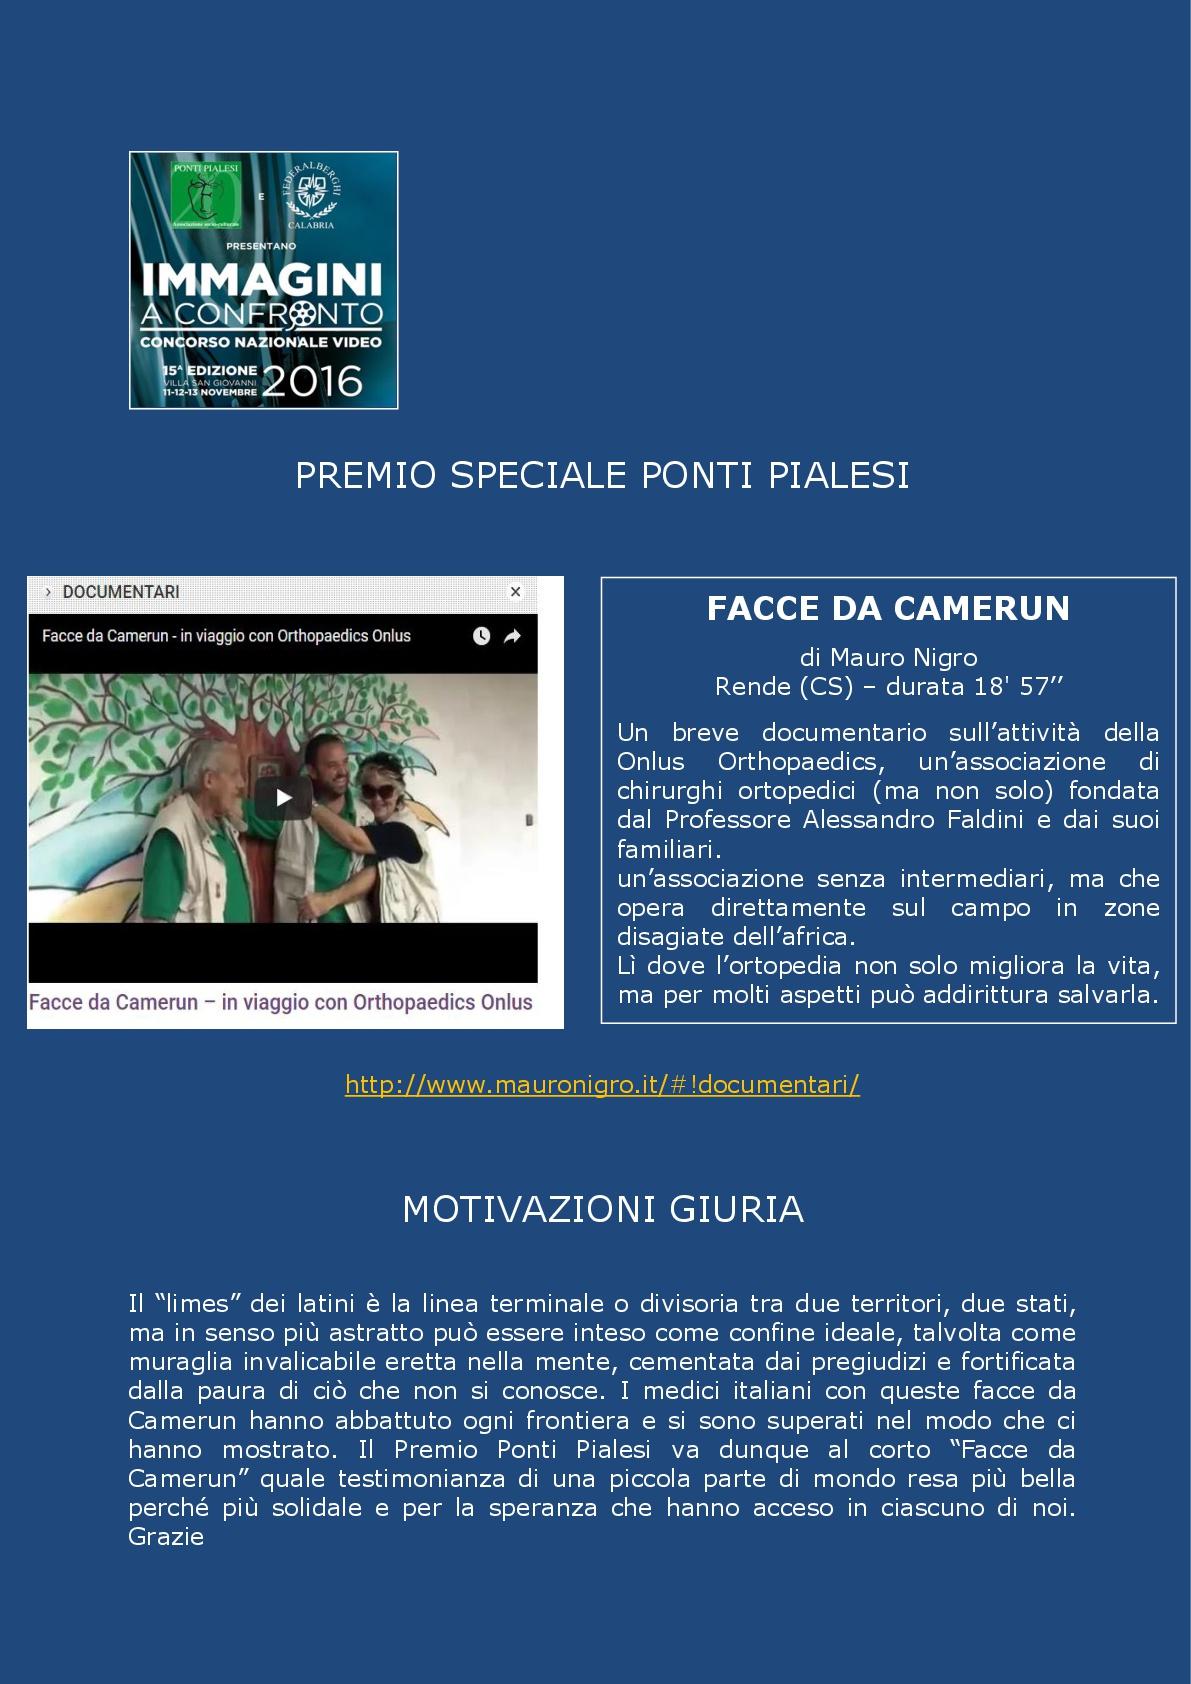 PONTI PIALESI - 15a Edizione IMMAGINI A CONFRONTO 2016 - PREMIAZIONI (9)